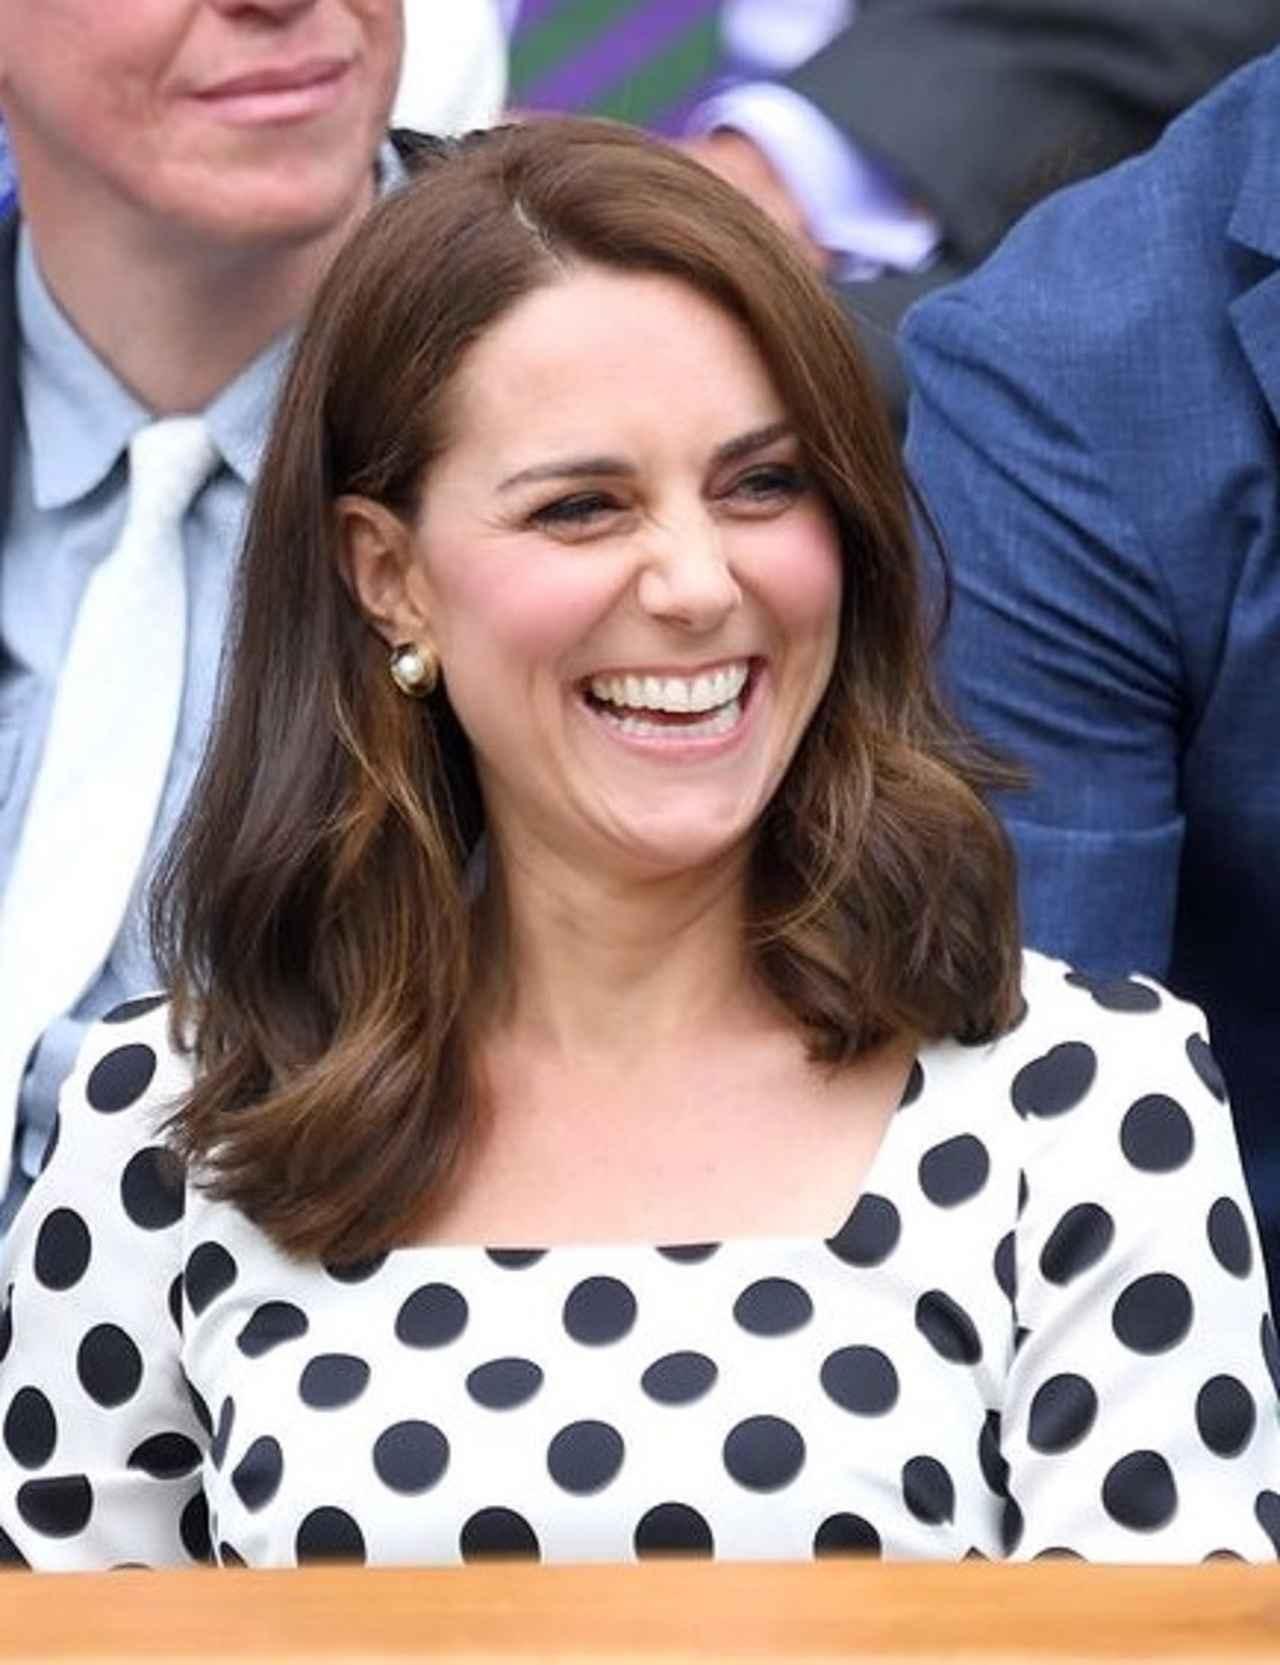 画像: ルイ王子の妊娠が伝えられる約1カ月前、2017年7月に行われたウィンブルドン選手権でのテニス観戦時にこれまでより短くカットしたミディアムへアをお披露目したキャサリン妃。